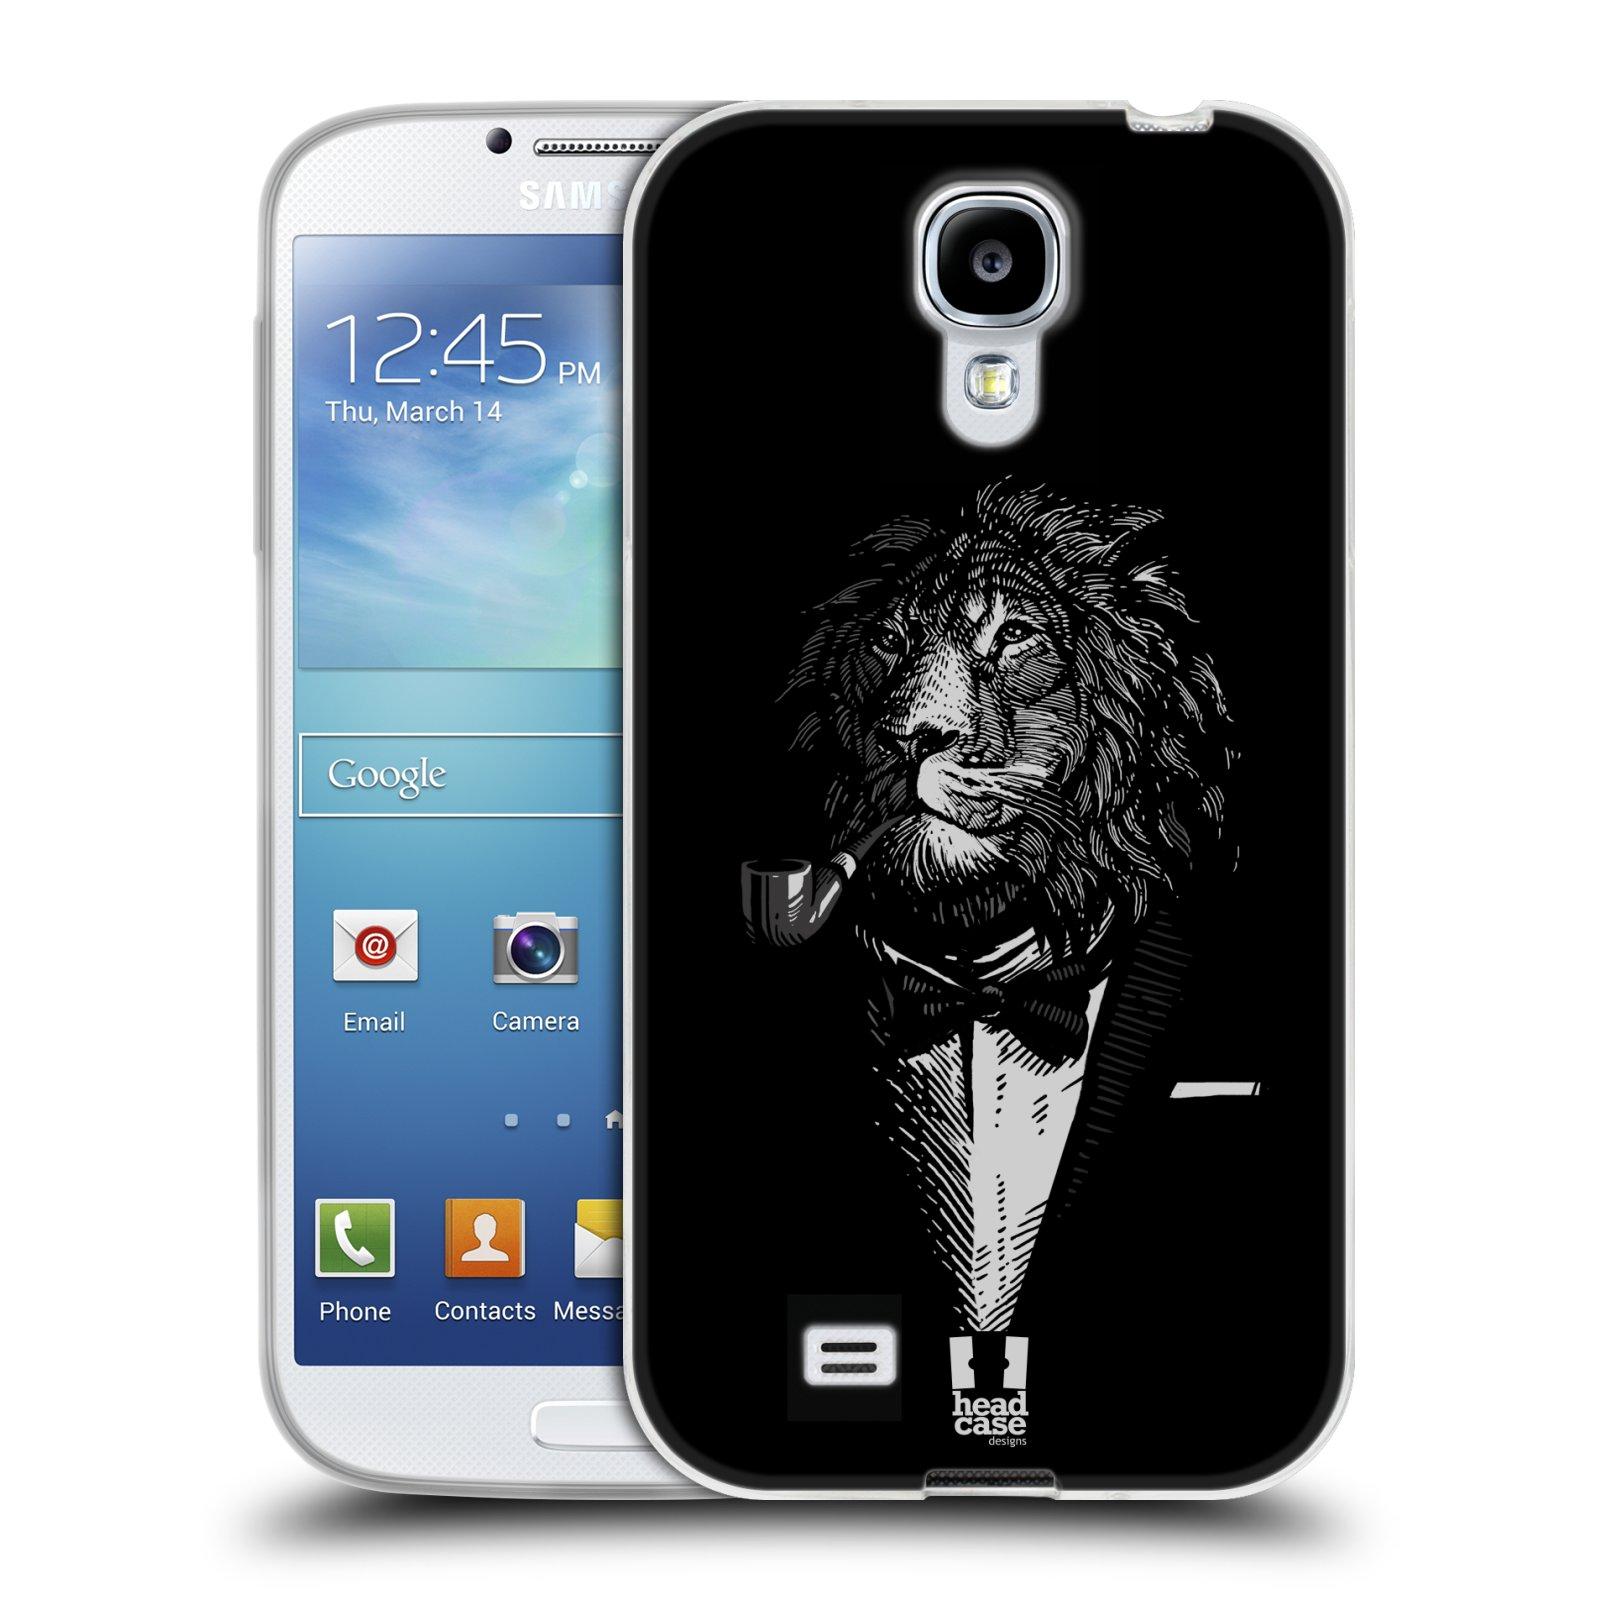 Silikonové pouzdro na mobil Samsung Galaxy S4 HEAD CASE LEV V KVÁDRU (Silikonový kryt či obal na mobilní telefon Samsung Galaxy S4 GT-i9505 / i9500)